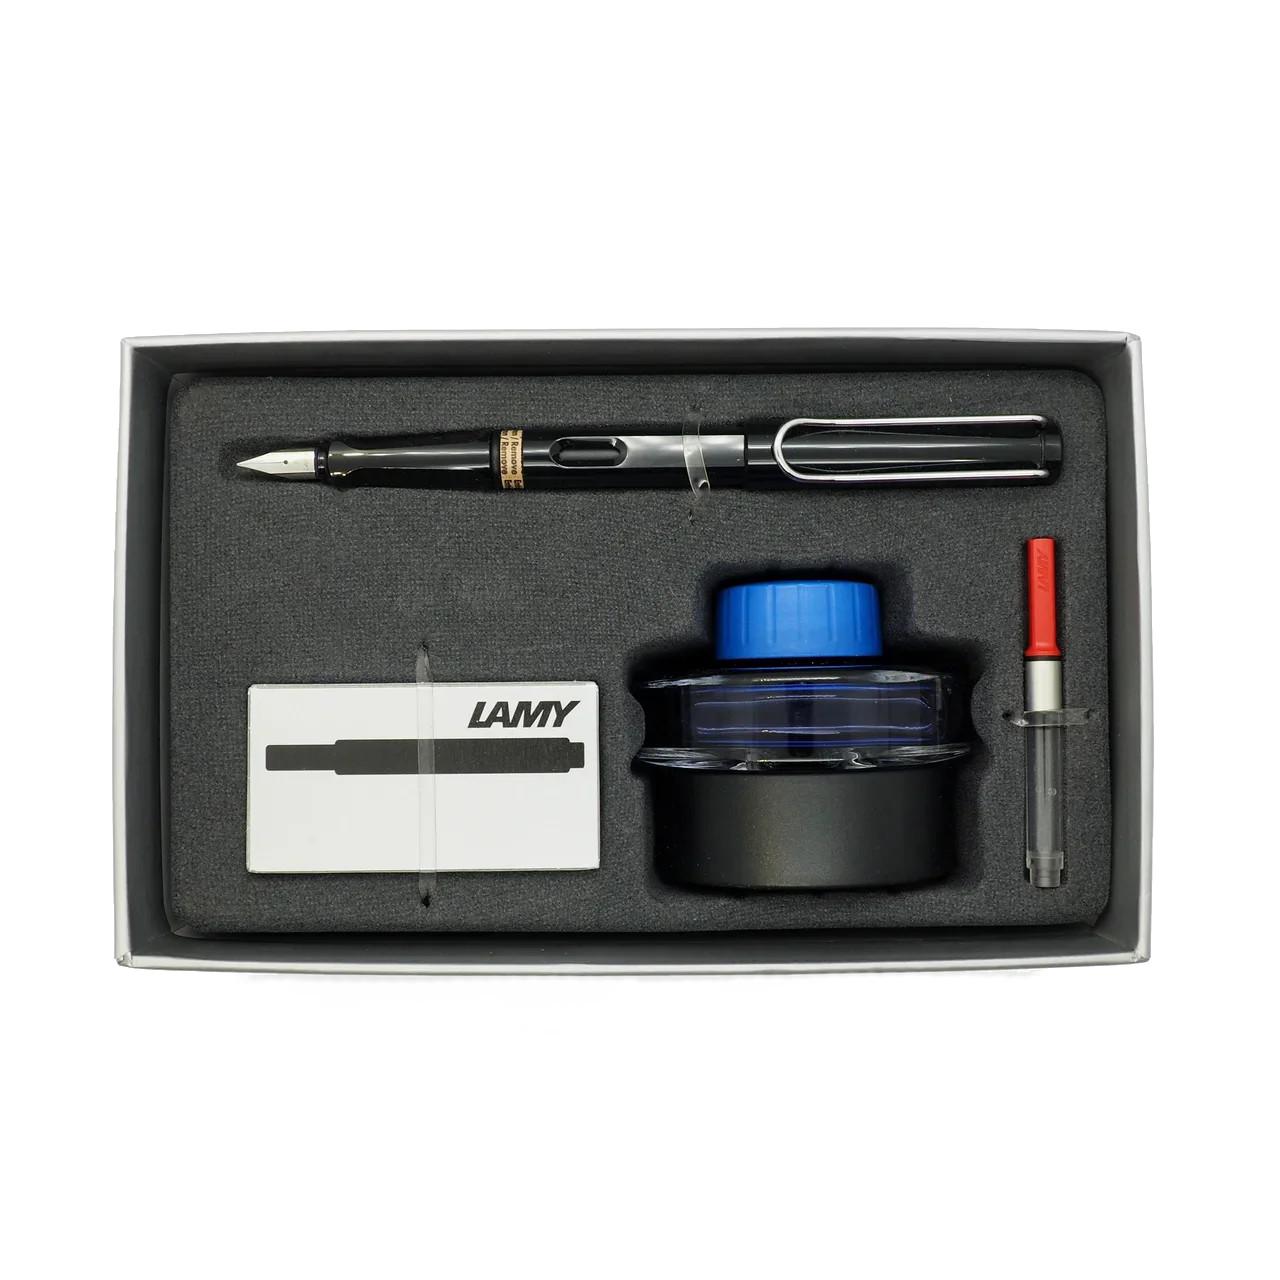 Купить Набор ручка перьевая LAMY Safari, F корпус черный+ картридж черный+ чернила син. + конвертер, Германия